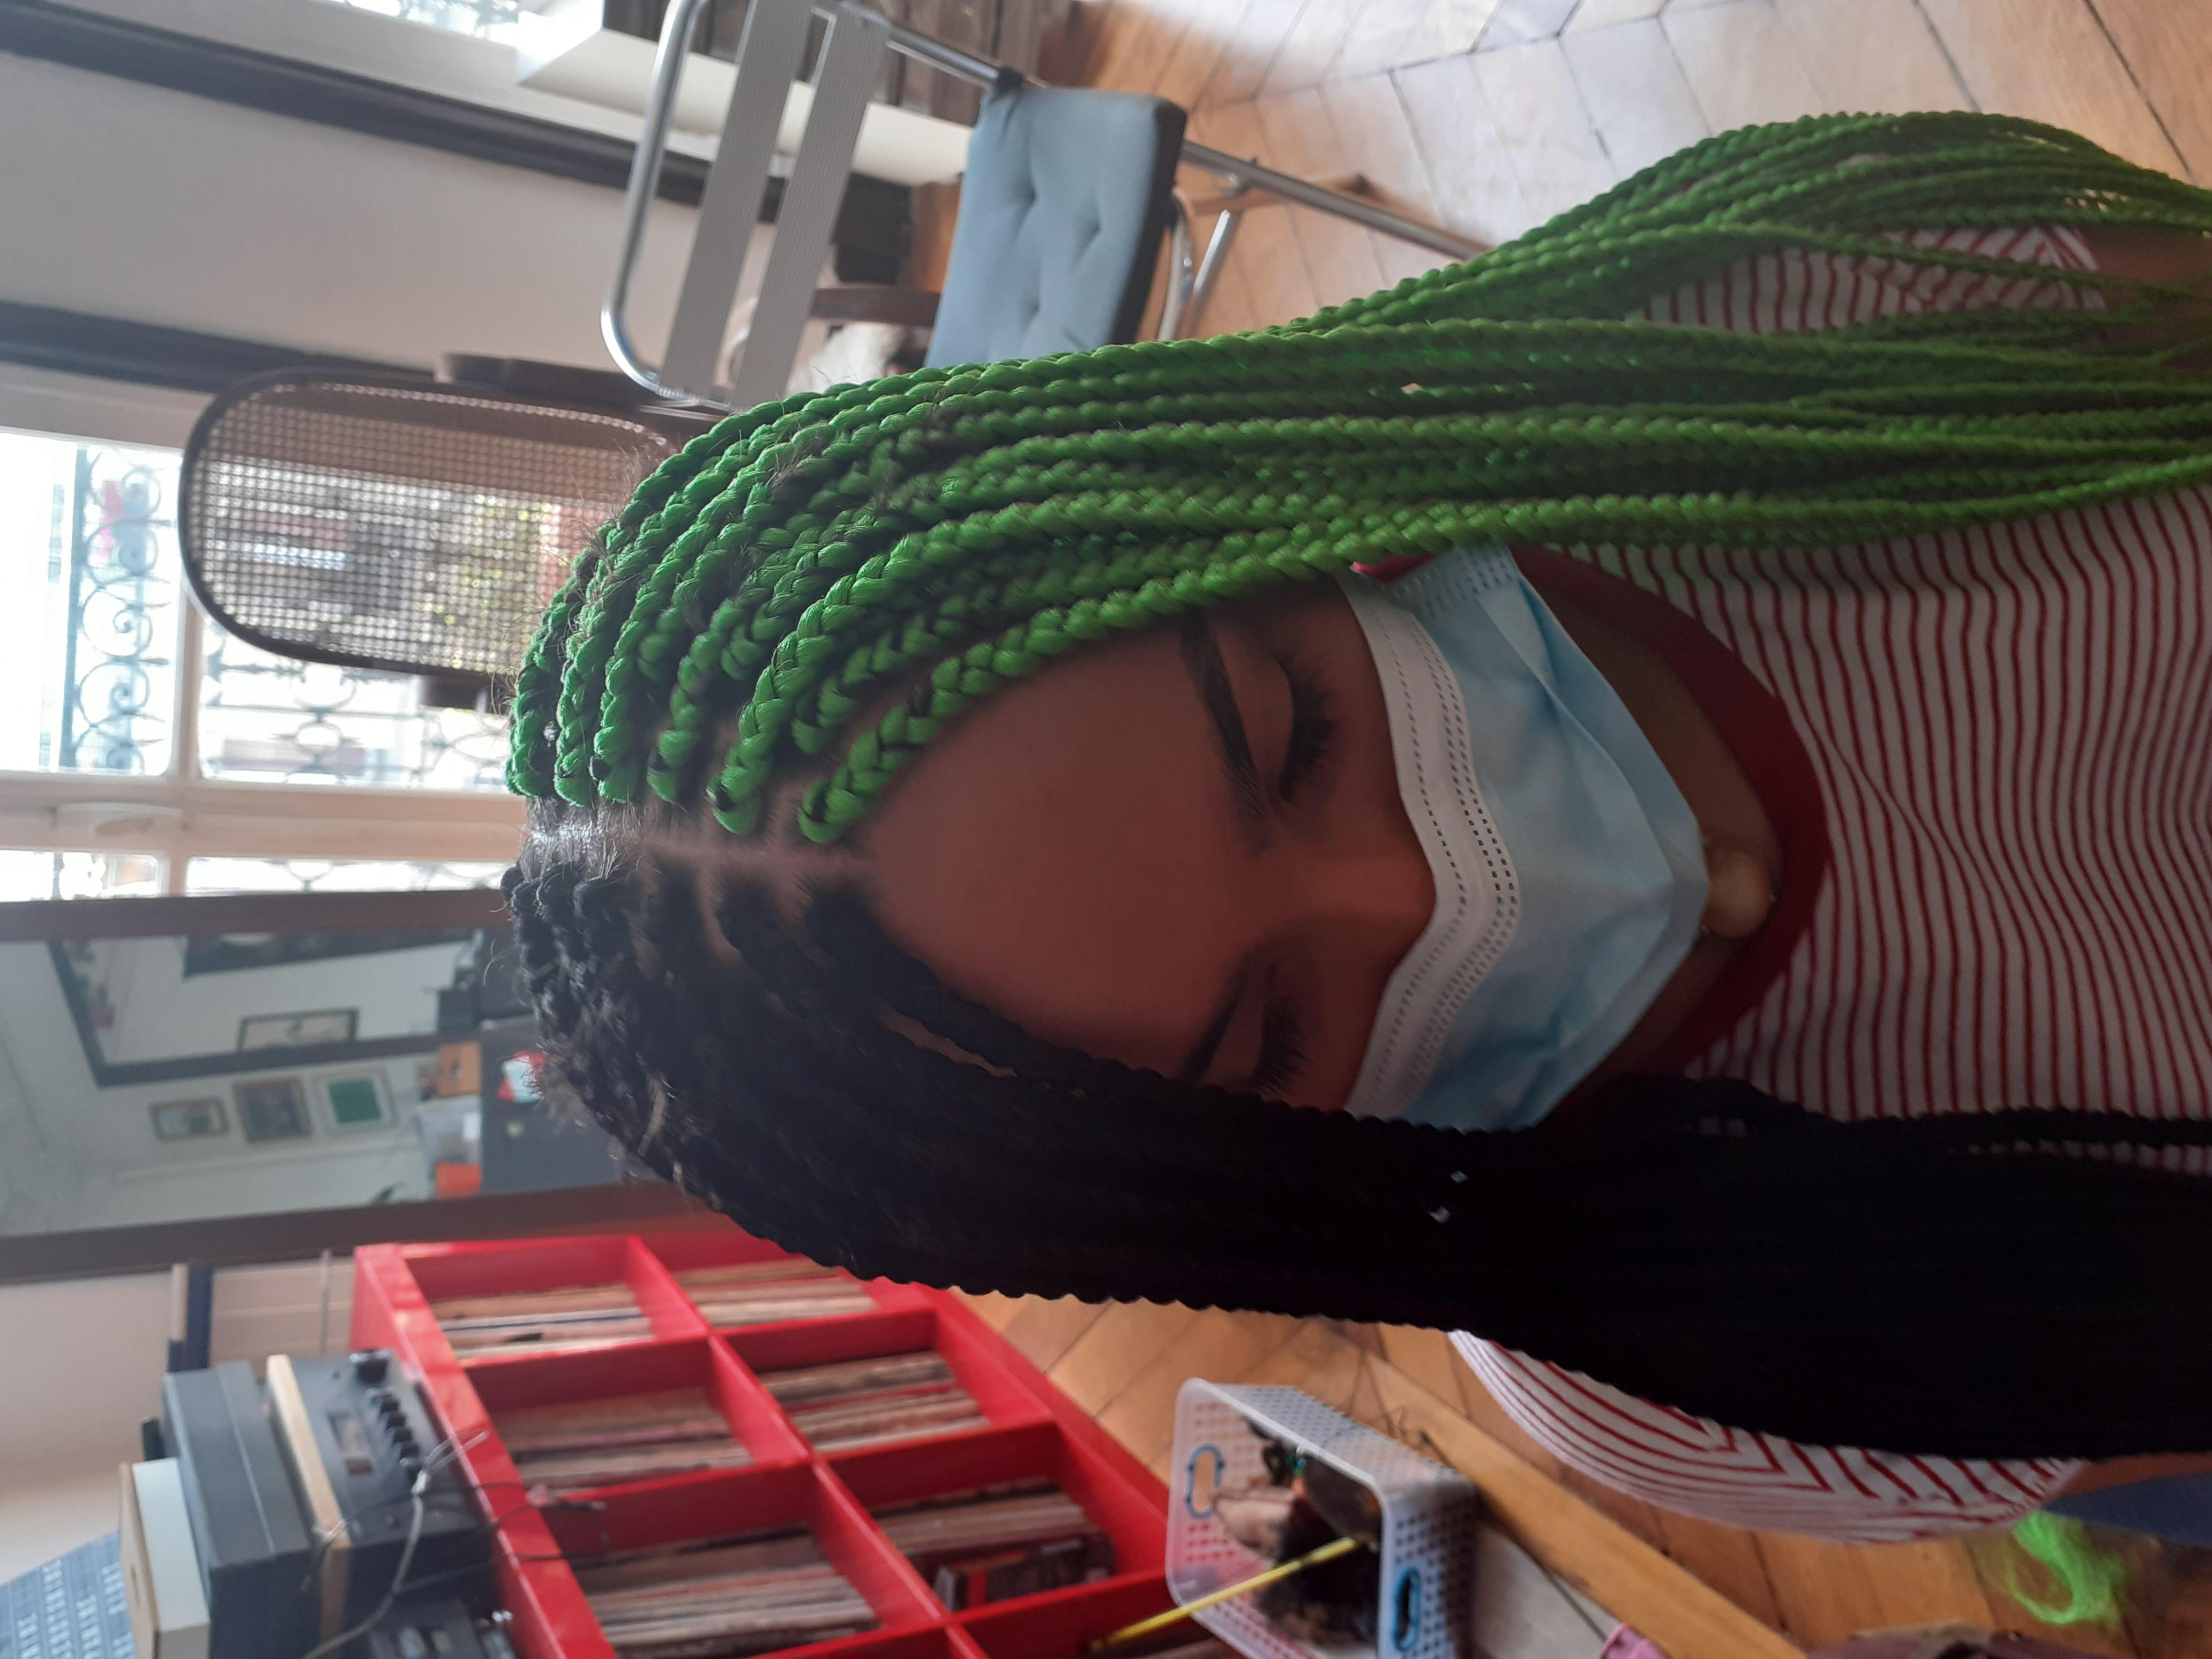 salon de coiffure afro tresse tresses box braids crochet braids vanilles tissages paris 75 77 78 91 92 93 94 95 ADAXJPZF